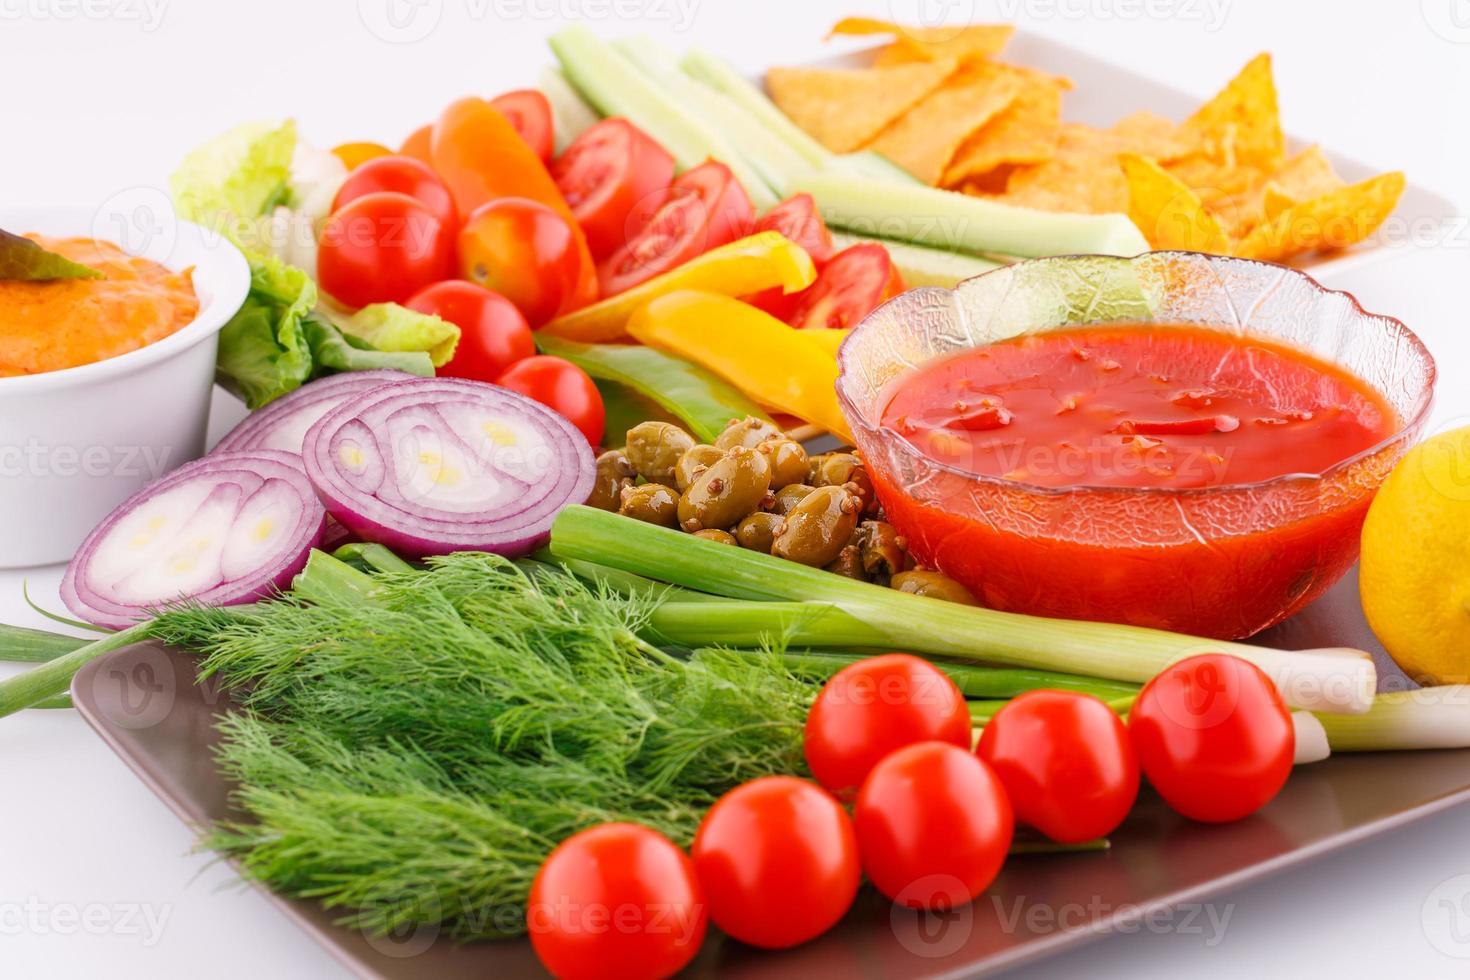 grönsaker, oliver, nachos, röd och ostskål foto